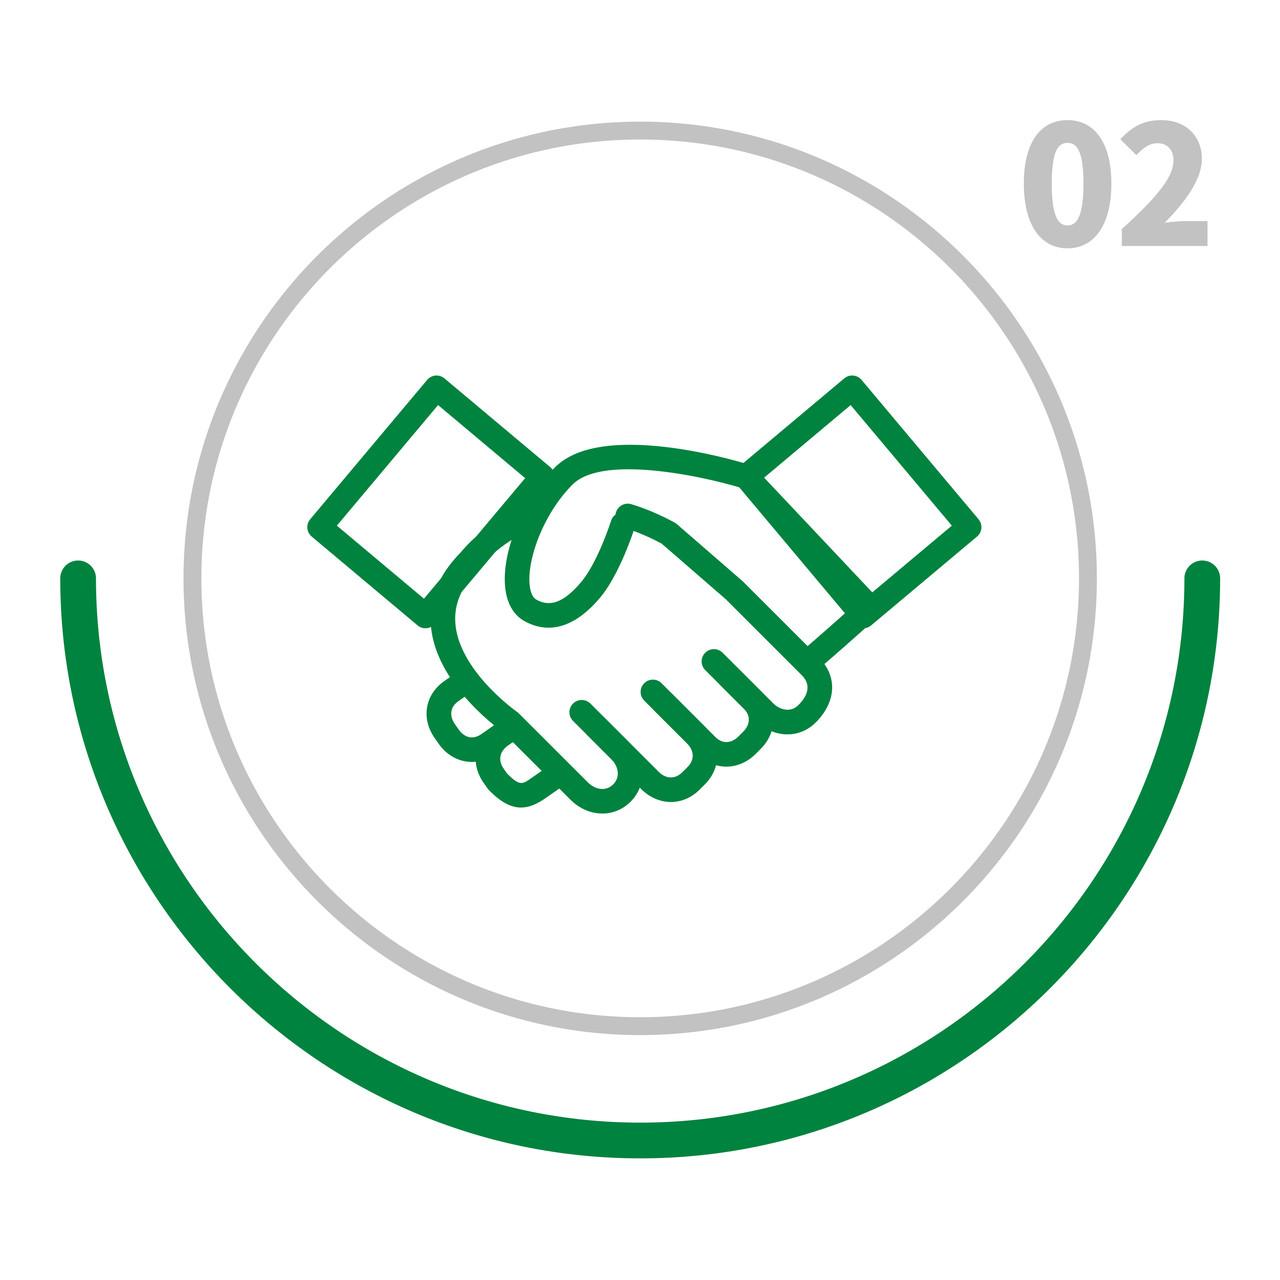 11. 지속가능한 도시와 공동체